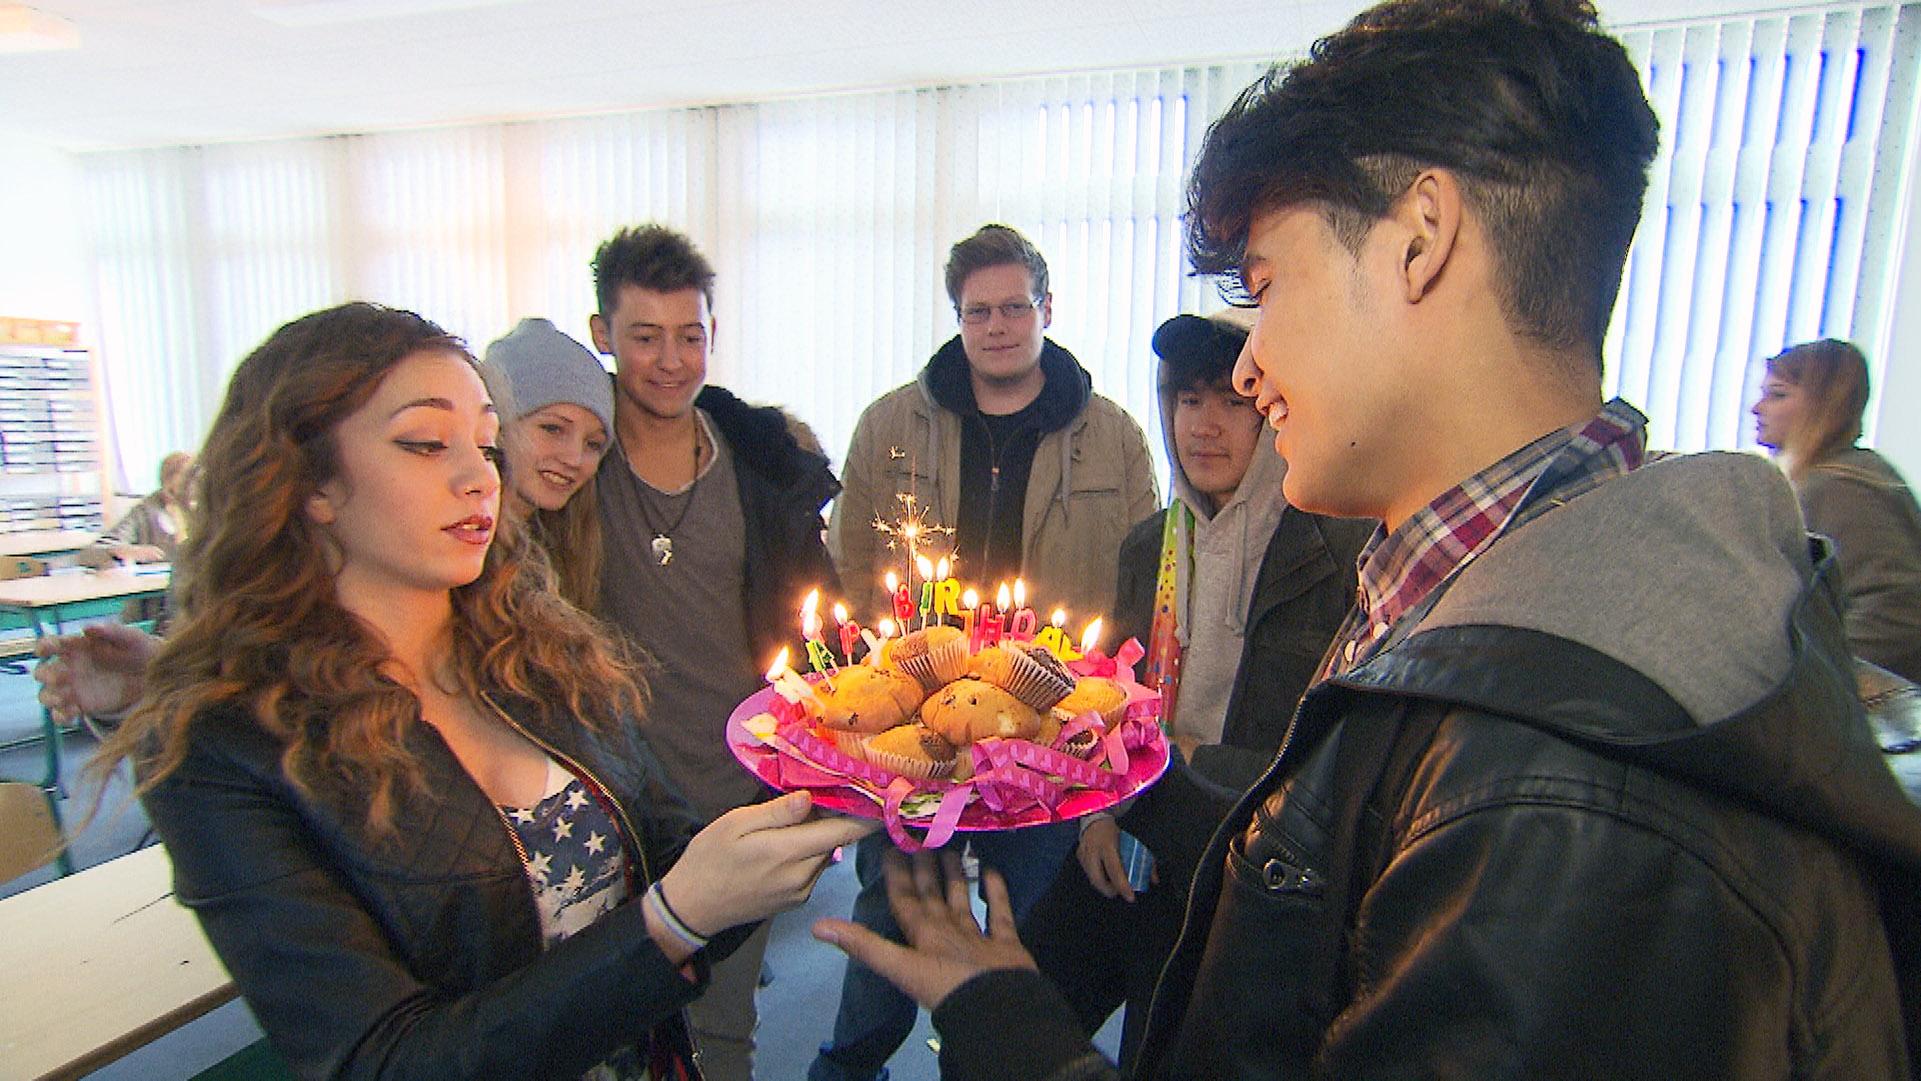 Yanick gerät an seinem Geburtstag unter Zugzwang, als seine Freunde fordern, dass er einen ausgibt.. (Quelle: RTL 2)